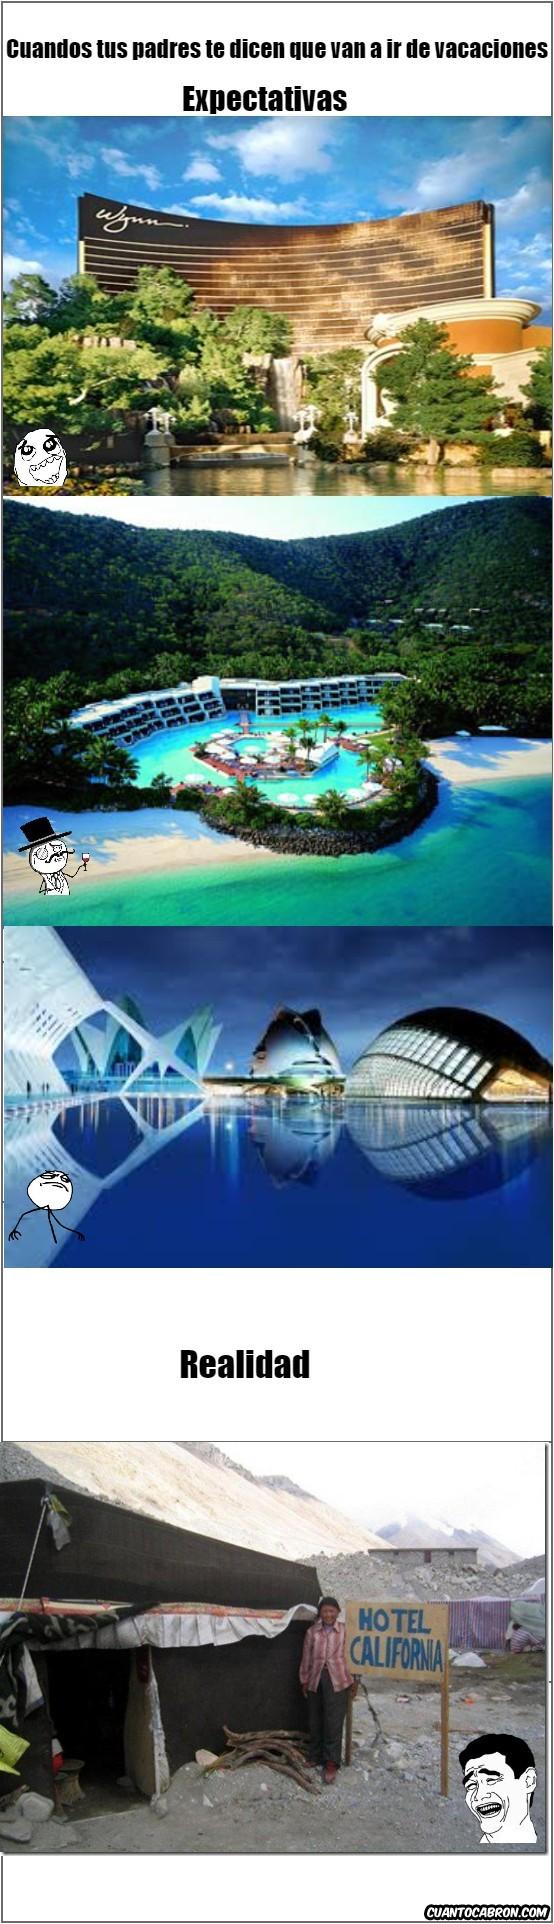 Salir de vacaciones y alquilar un hotel Expectativas-Realidad - meme